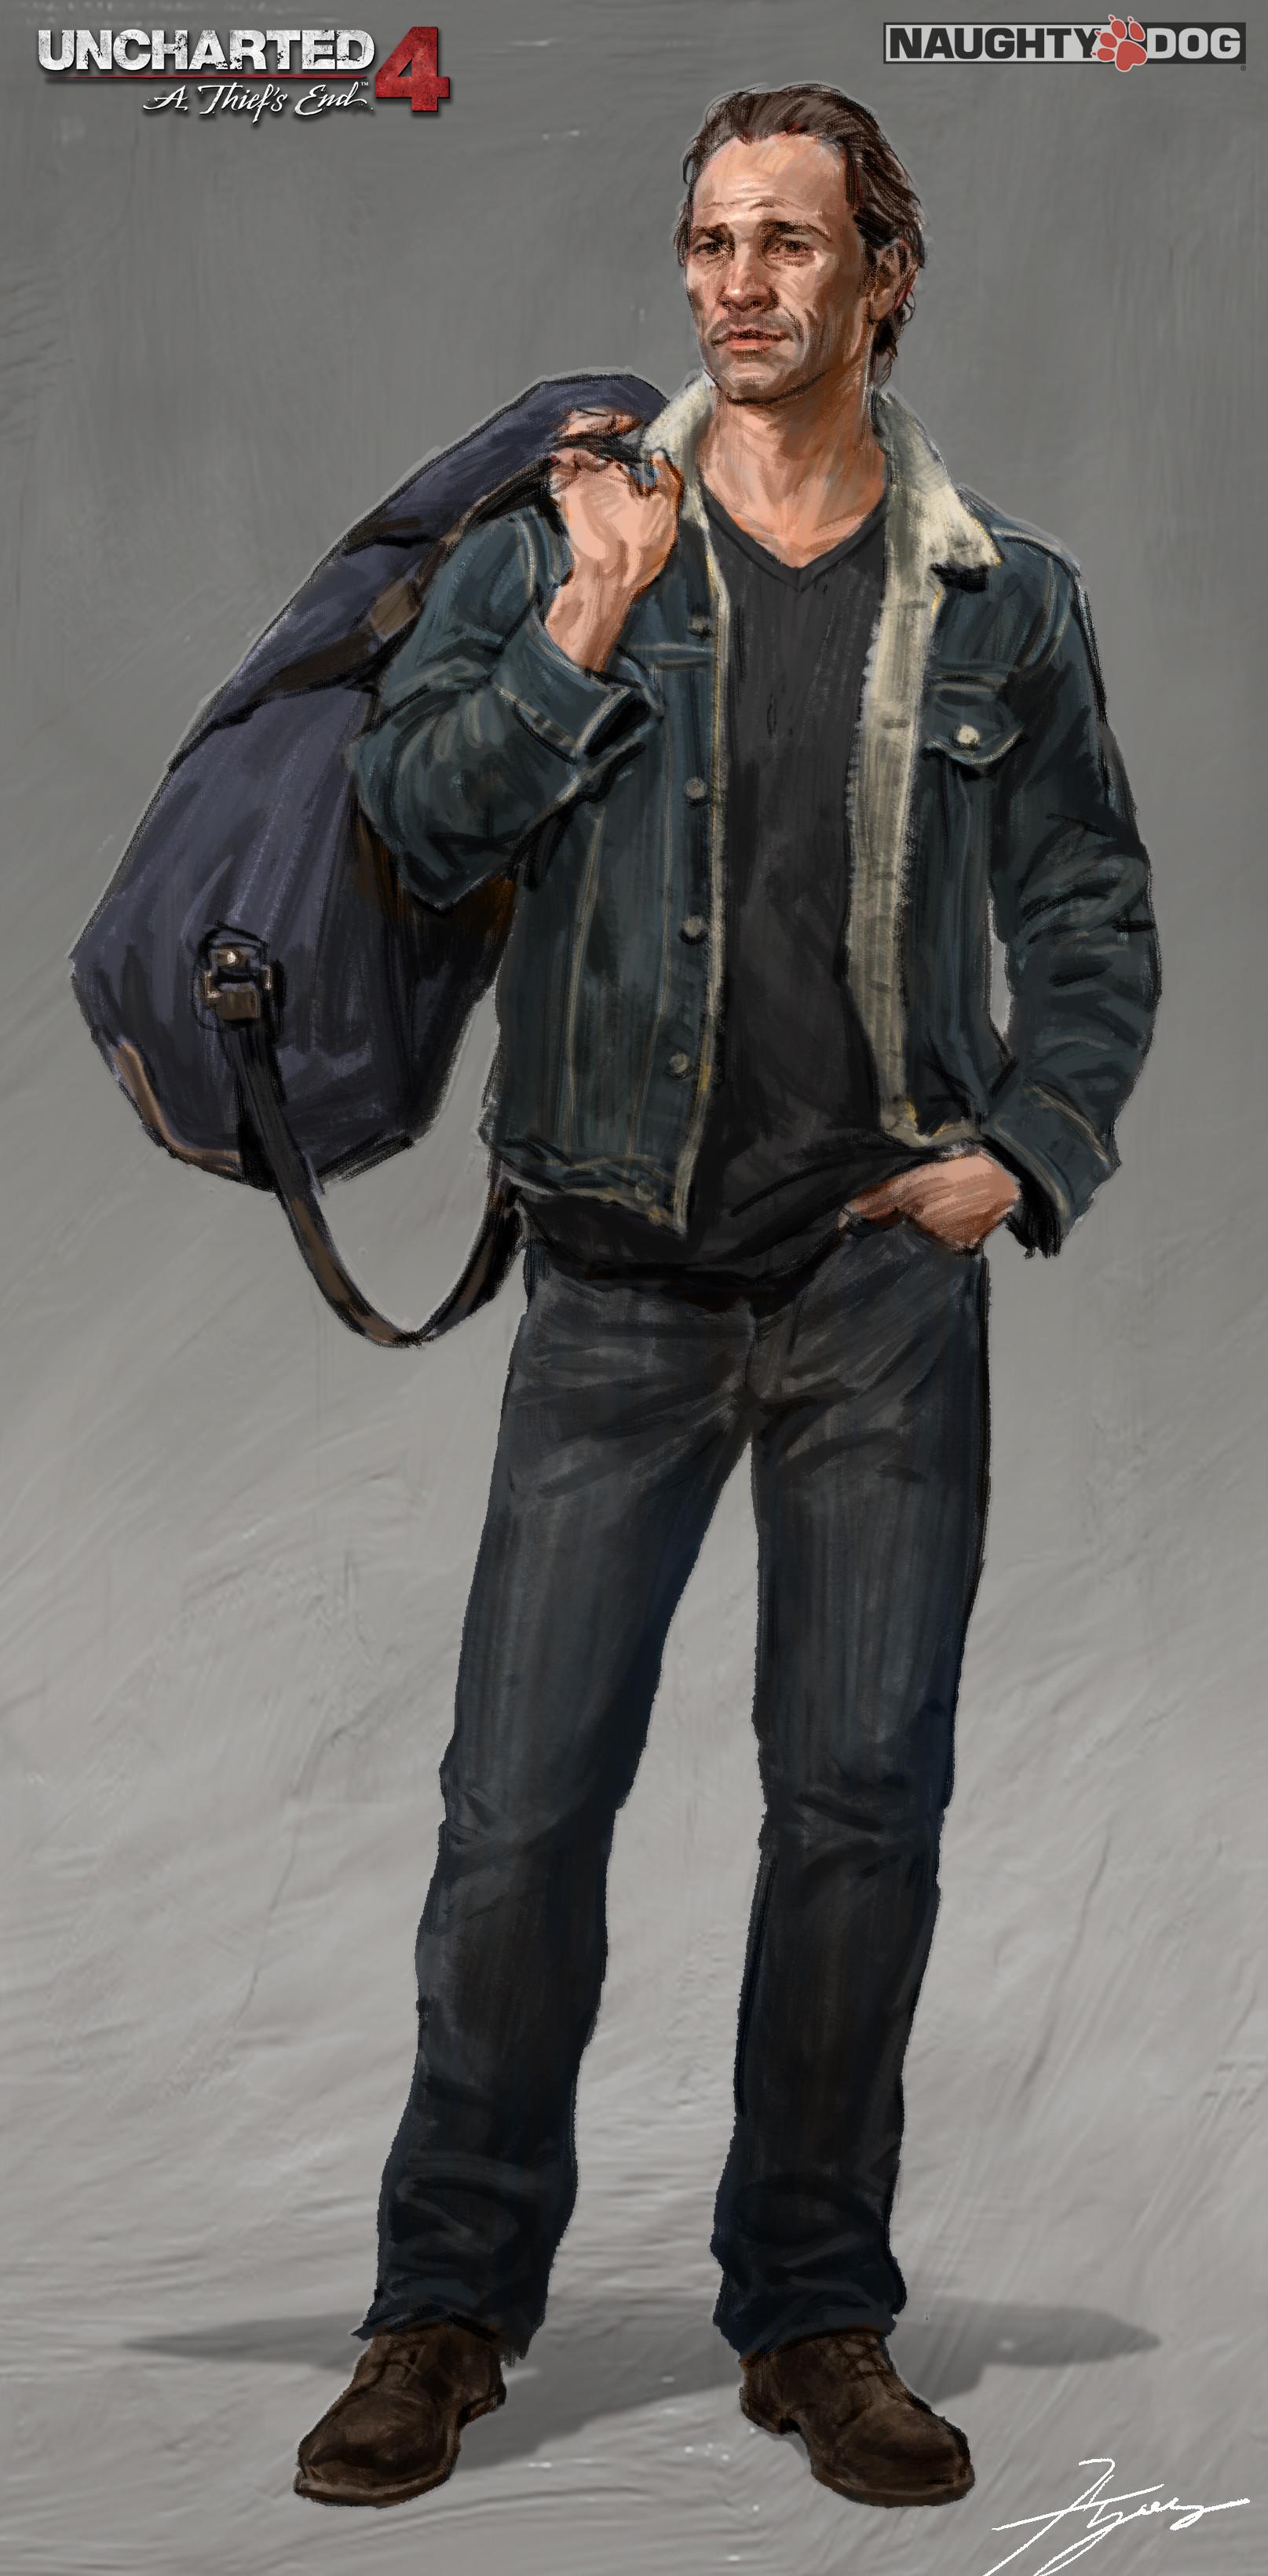 ArtStation - Uncharted 4: Sam Return, Hyoung Nam